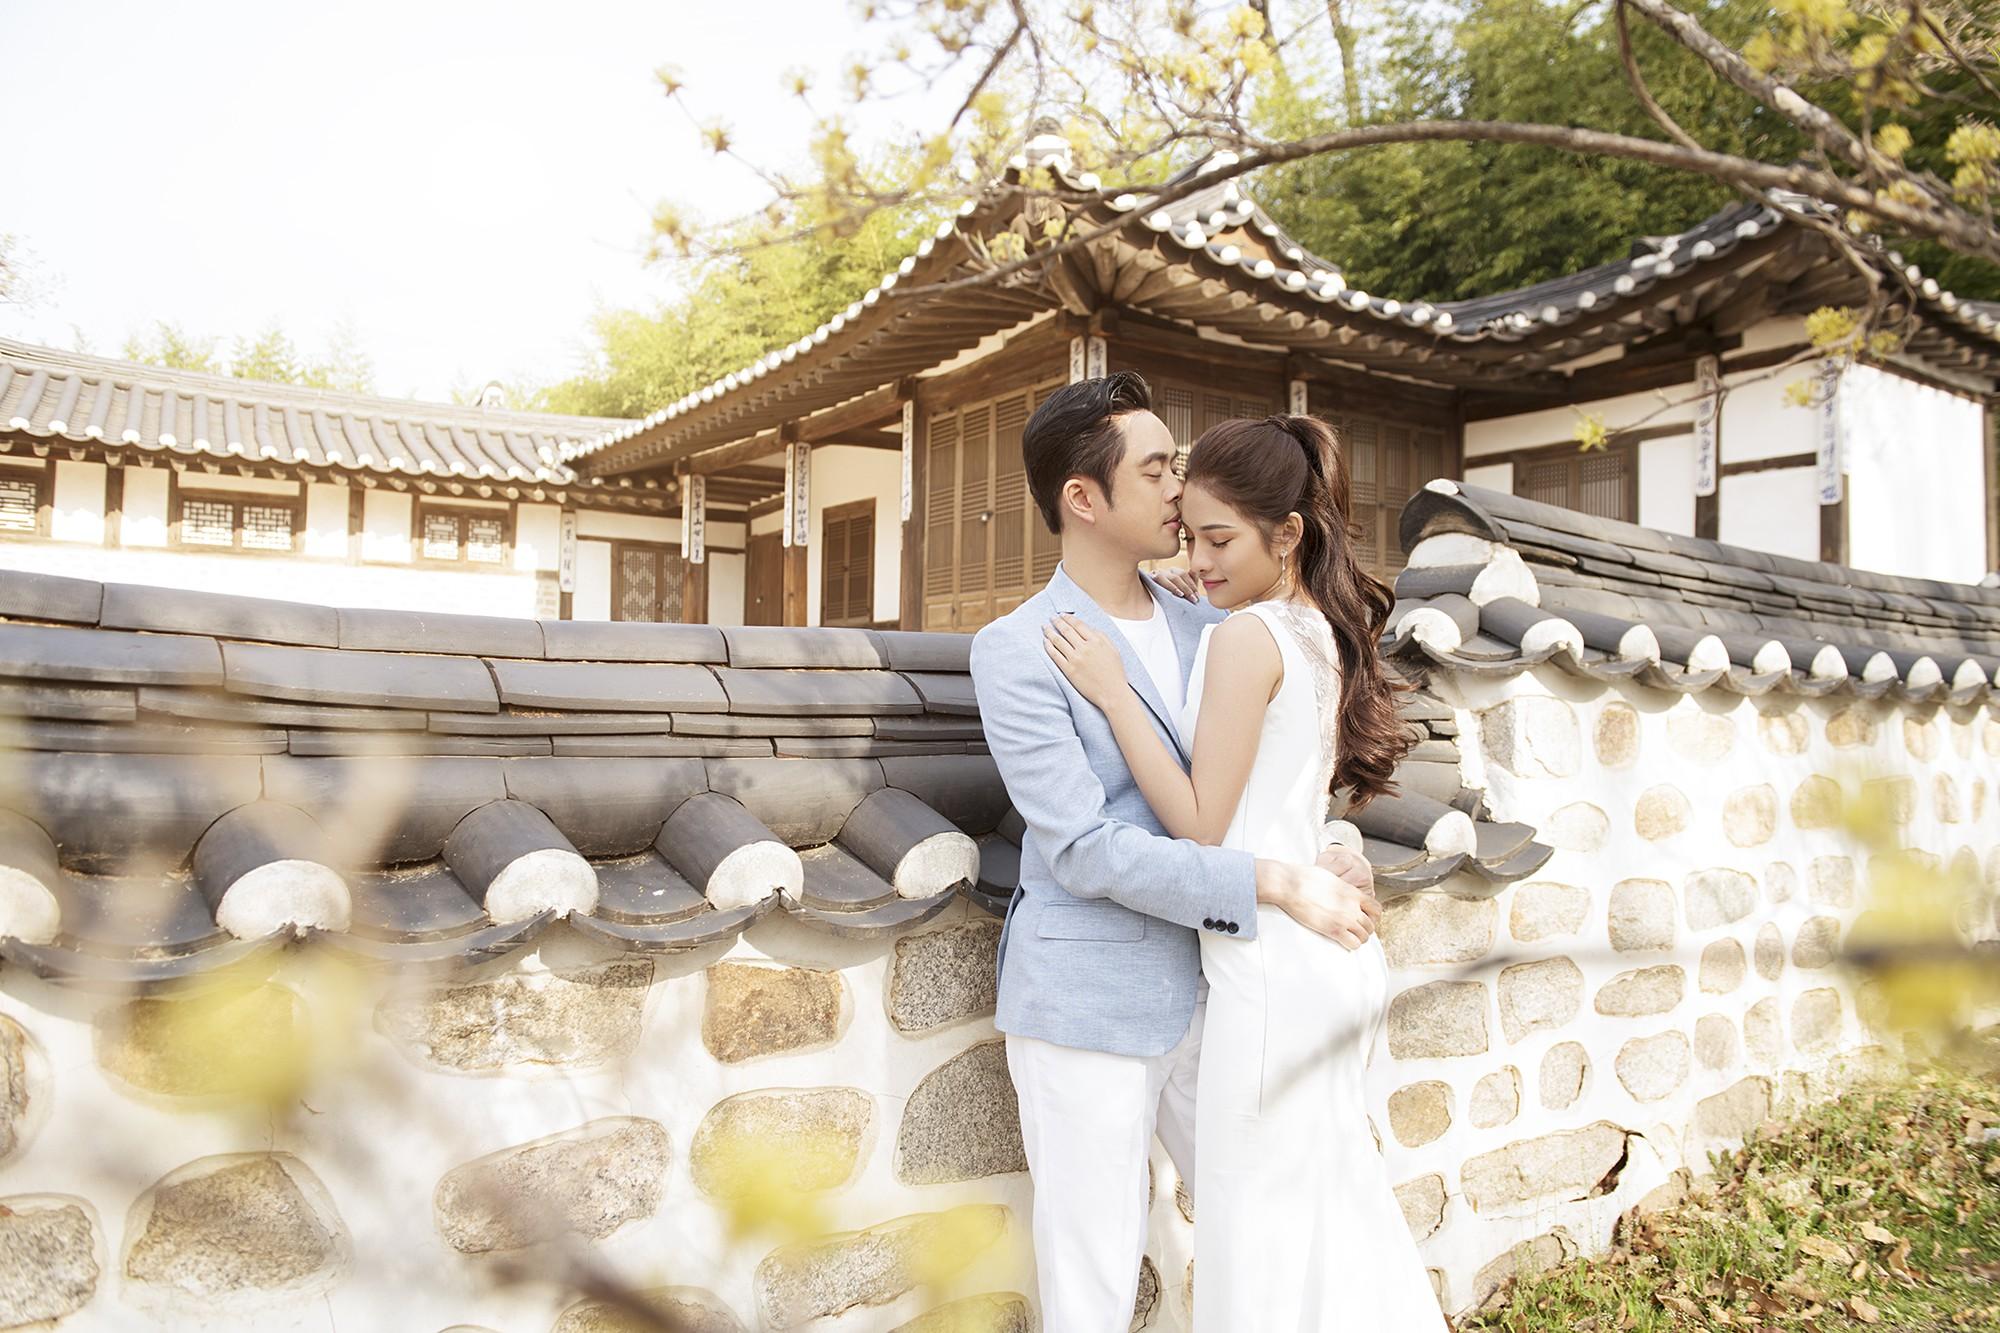 Ảnh cưới đẹp như phim chụp tại Hàn Quốc của Dương Khắc Linh và vợ trẻ kém 13 tuổi - Ảnh 1.